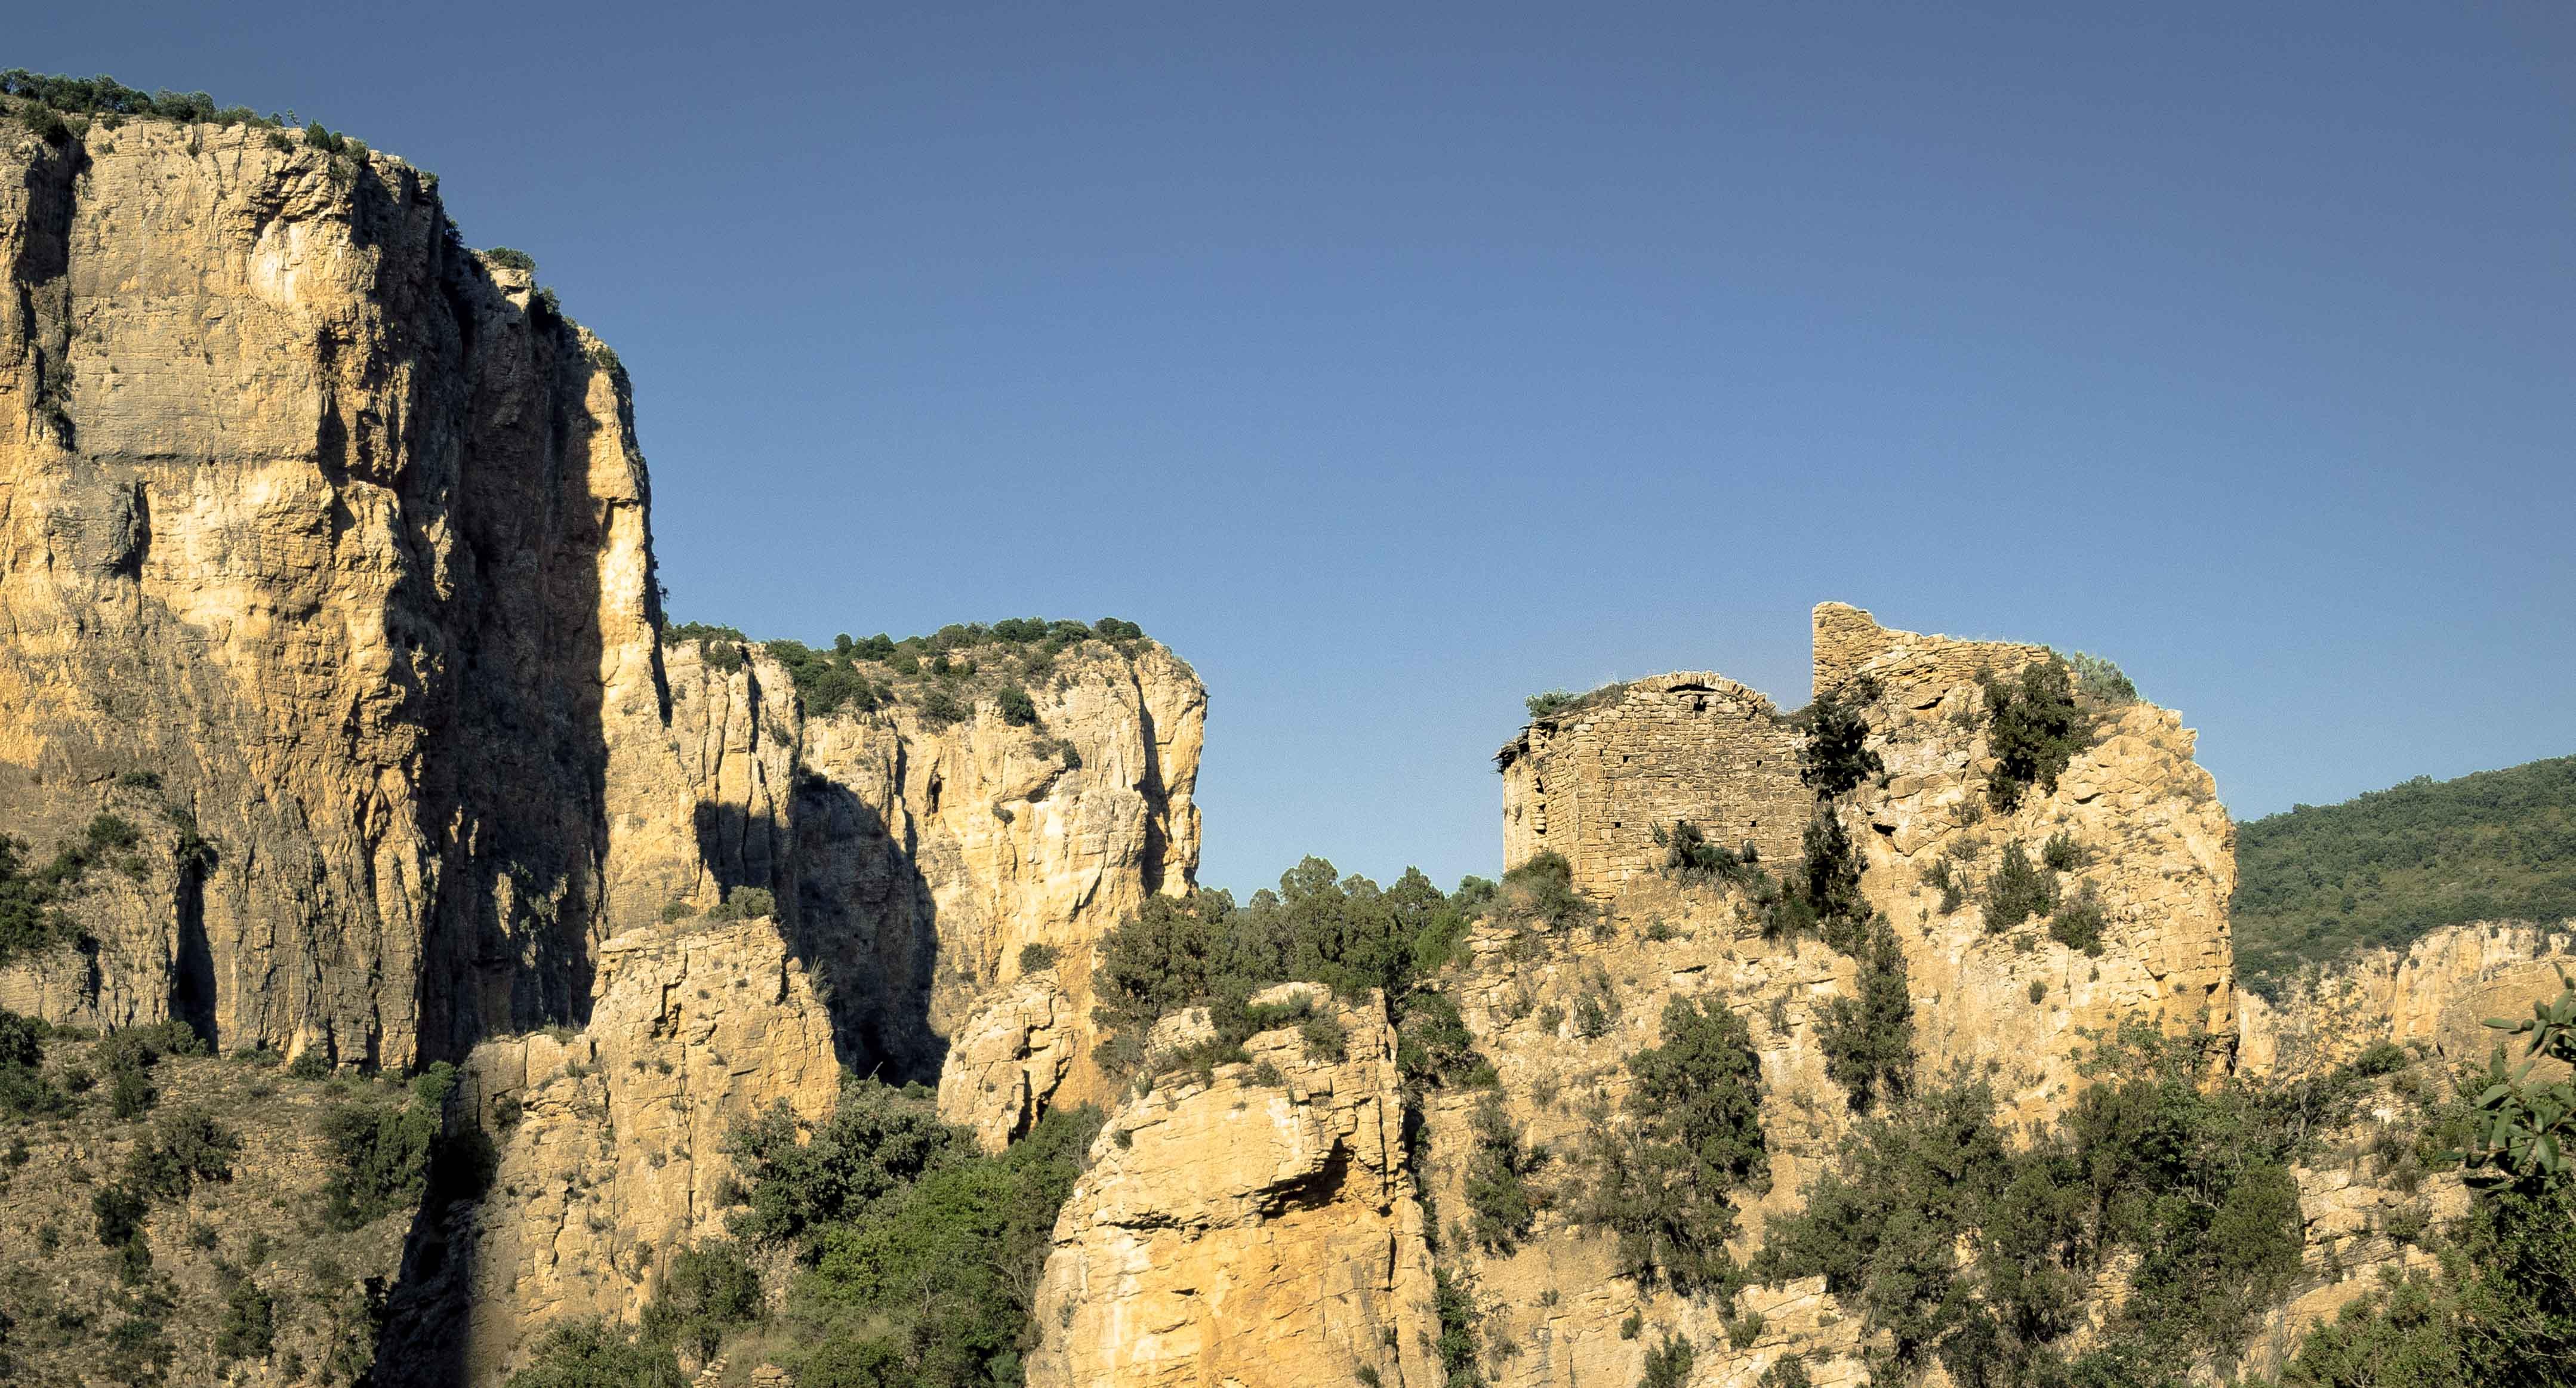 Ermita de Sant Pere de la Vall o Sant Pere de Queralt des del Portal de Sant Pere. Santa Linya, La Noguera. Lleida, Catalunya. Montsec.